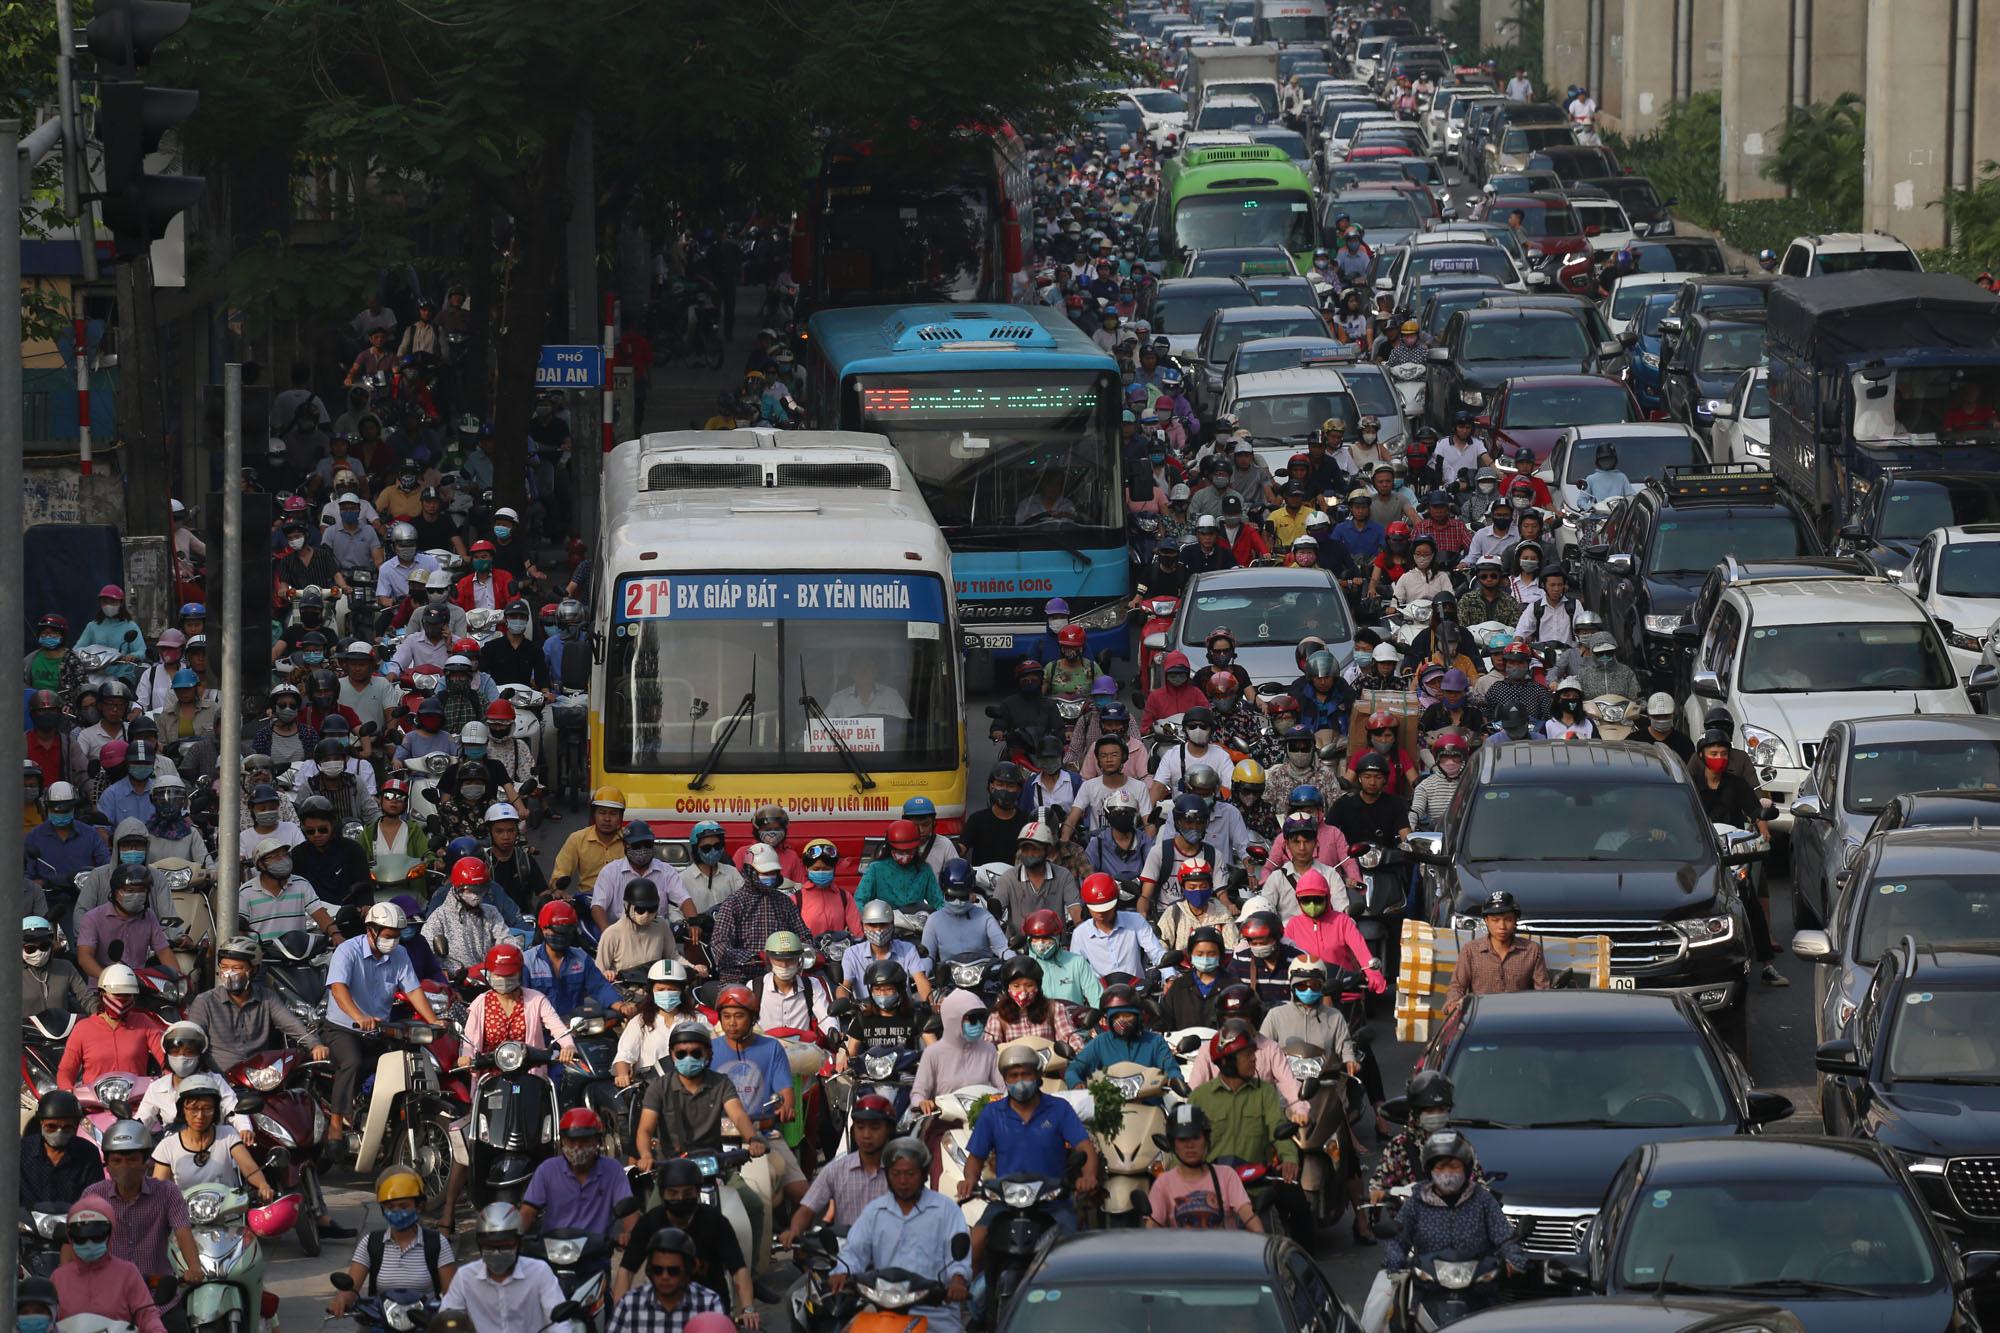 Ùn tắc và ô nhiễm không khí ở Hà Nội: Hạn chế xe cá nhân vẫn là 'bài toán' nhạy cảm - Ảnh 3.